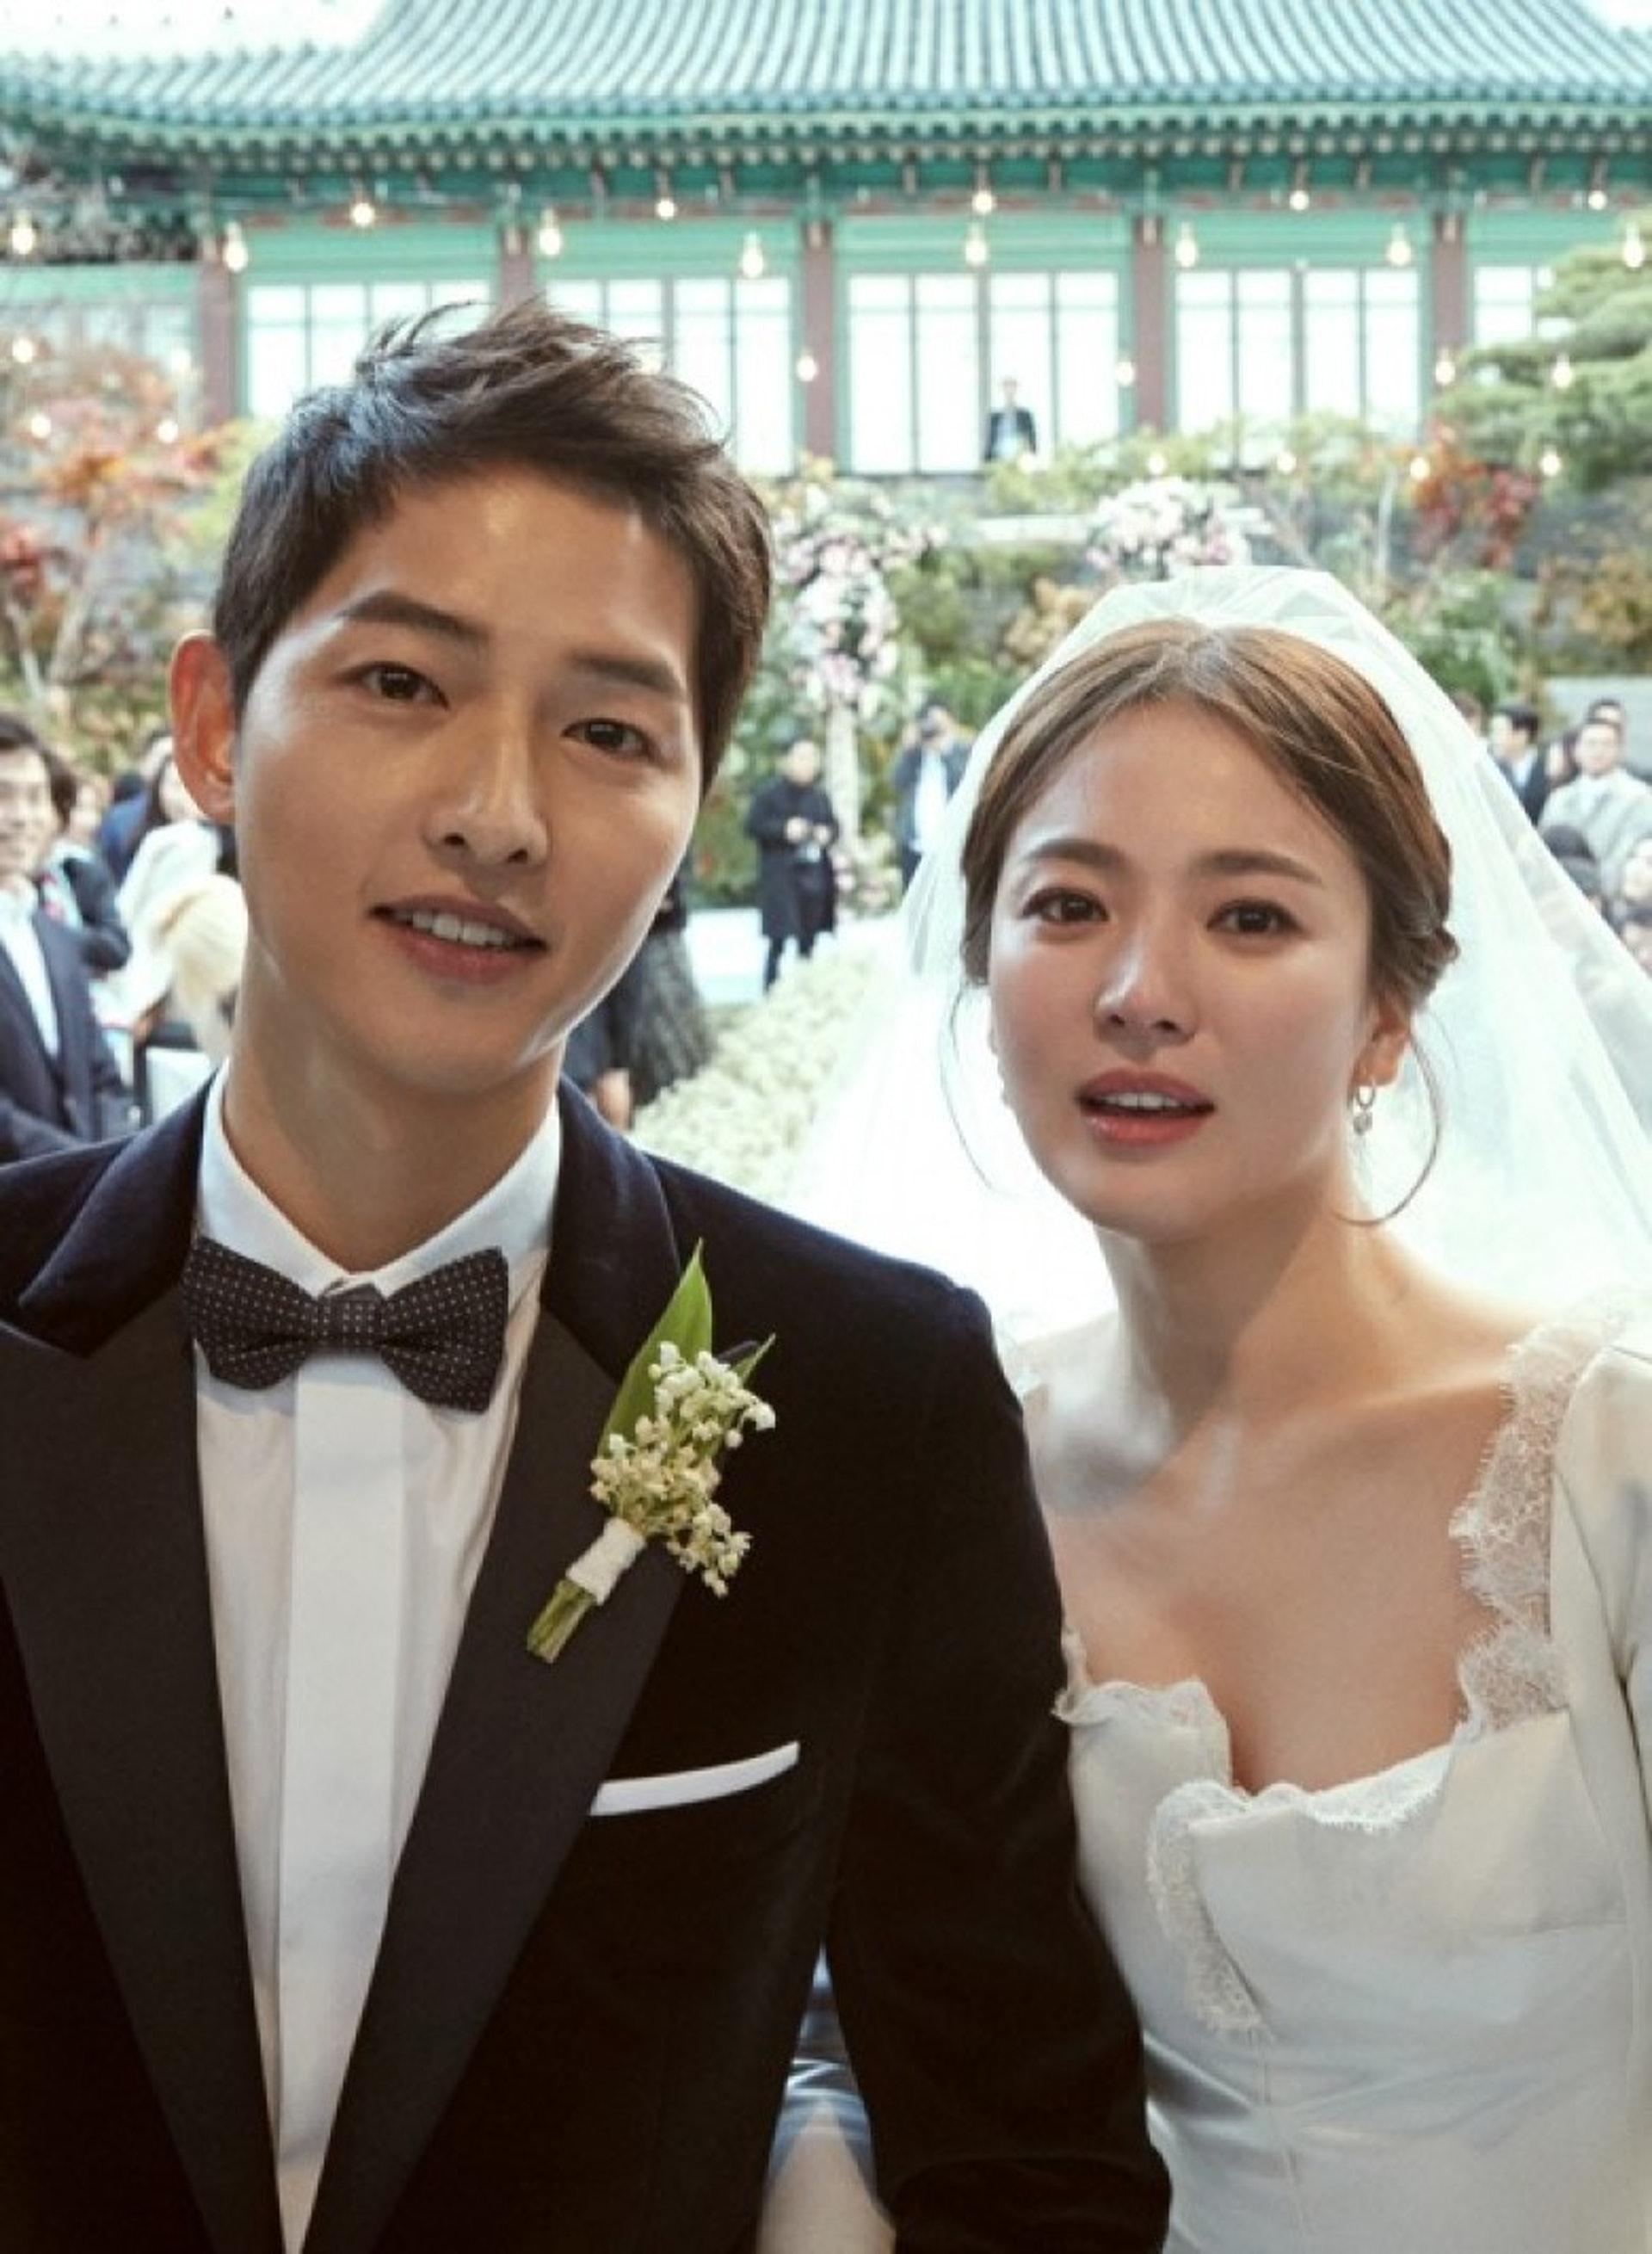 Đúng sinh nhật Song Joong Ki, Song Hye Kyo bất ngờ có động thái cực vui vẻ và tình cảm với nhân vật đặc biệt này - Ảnh 8.